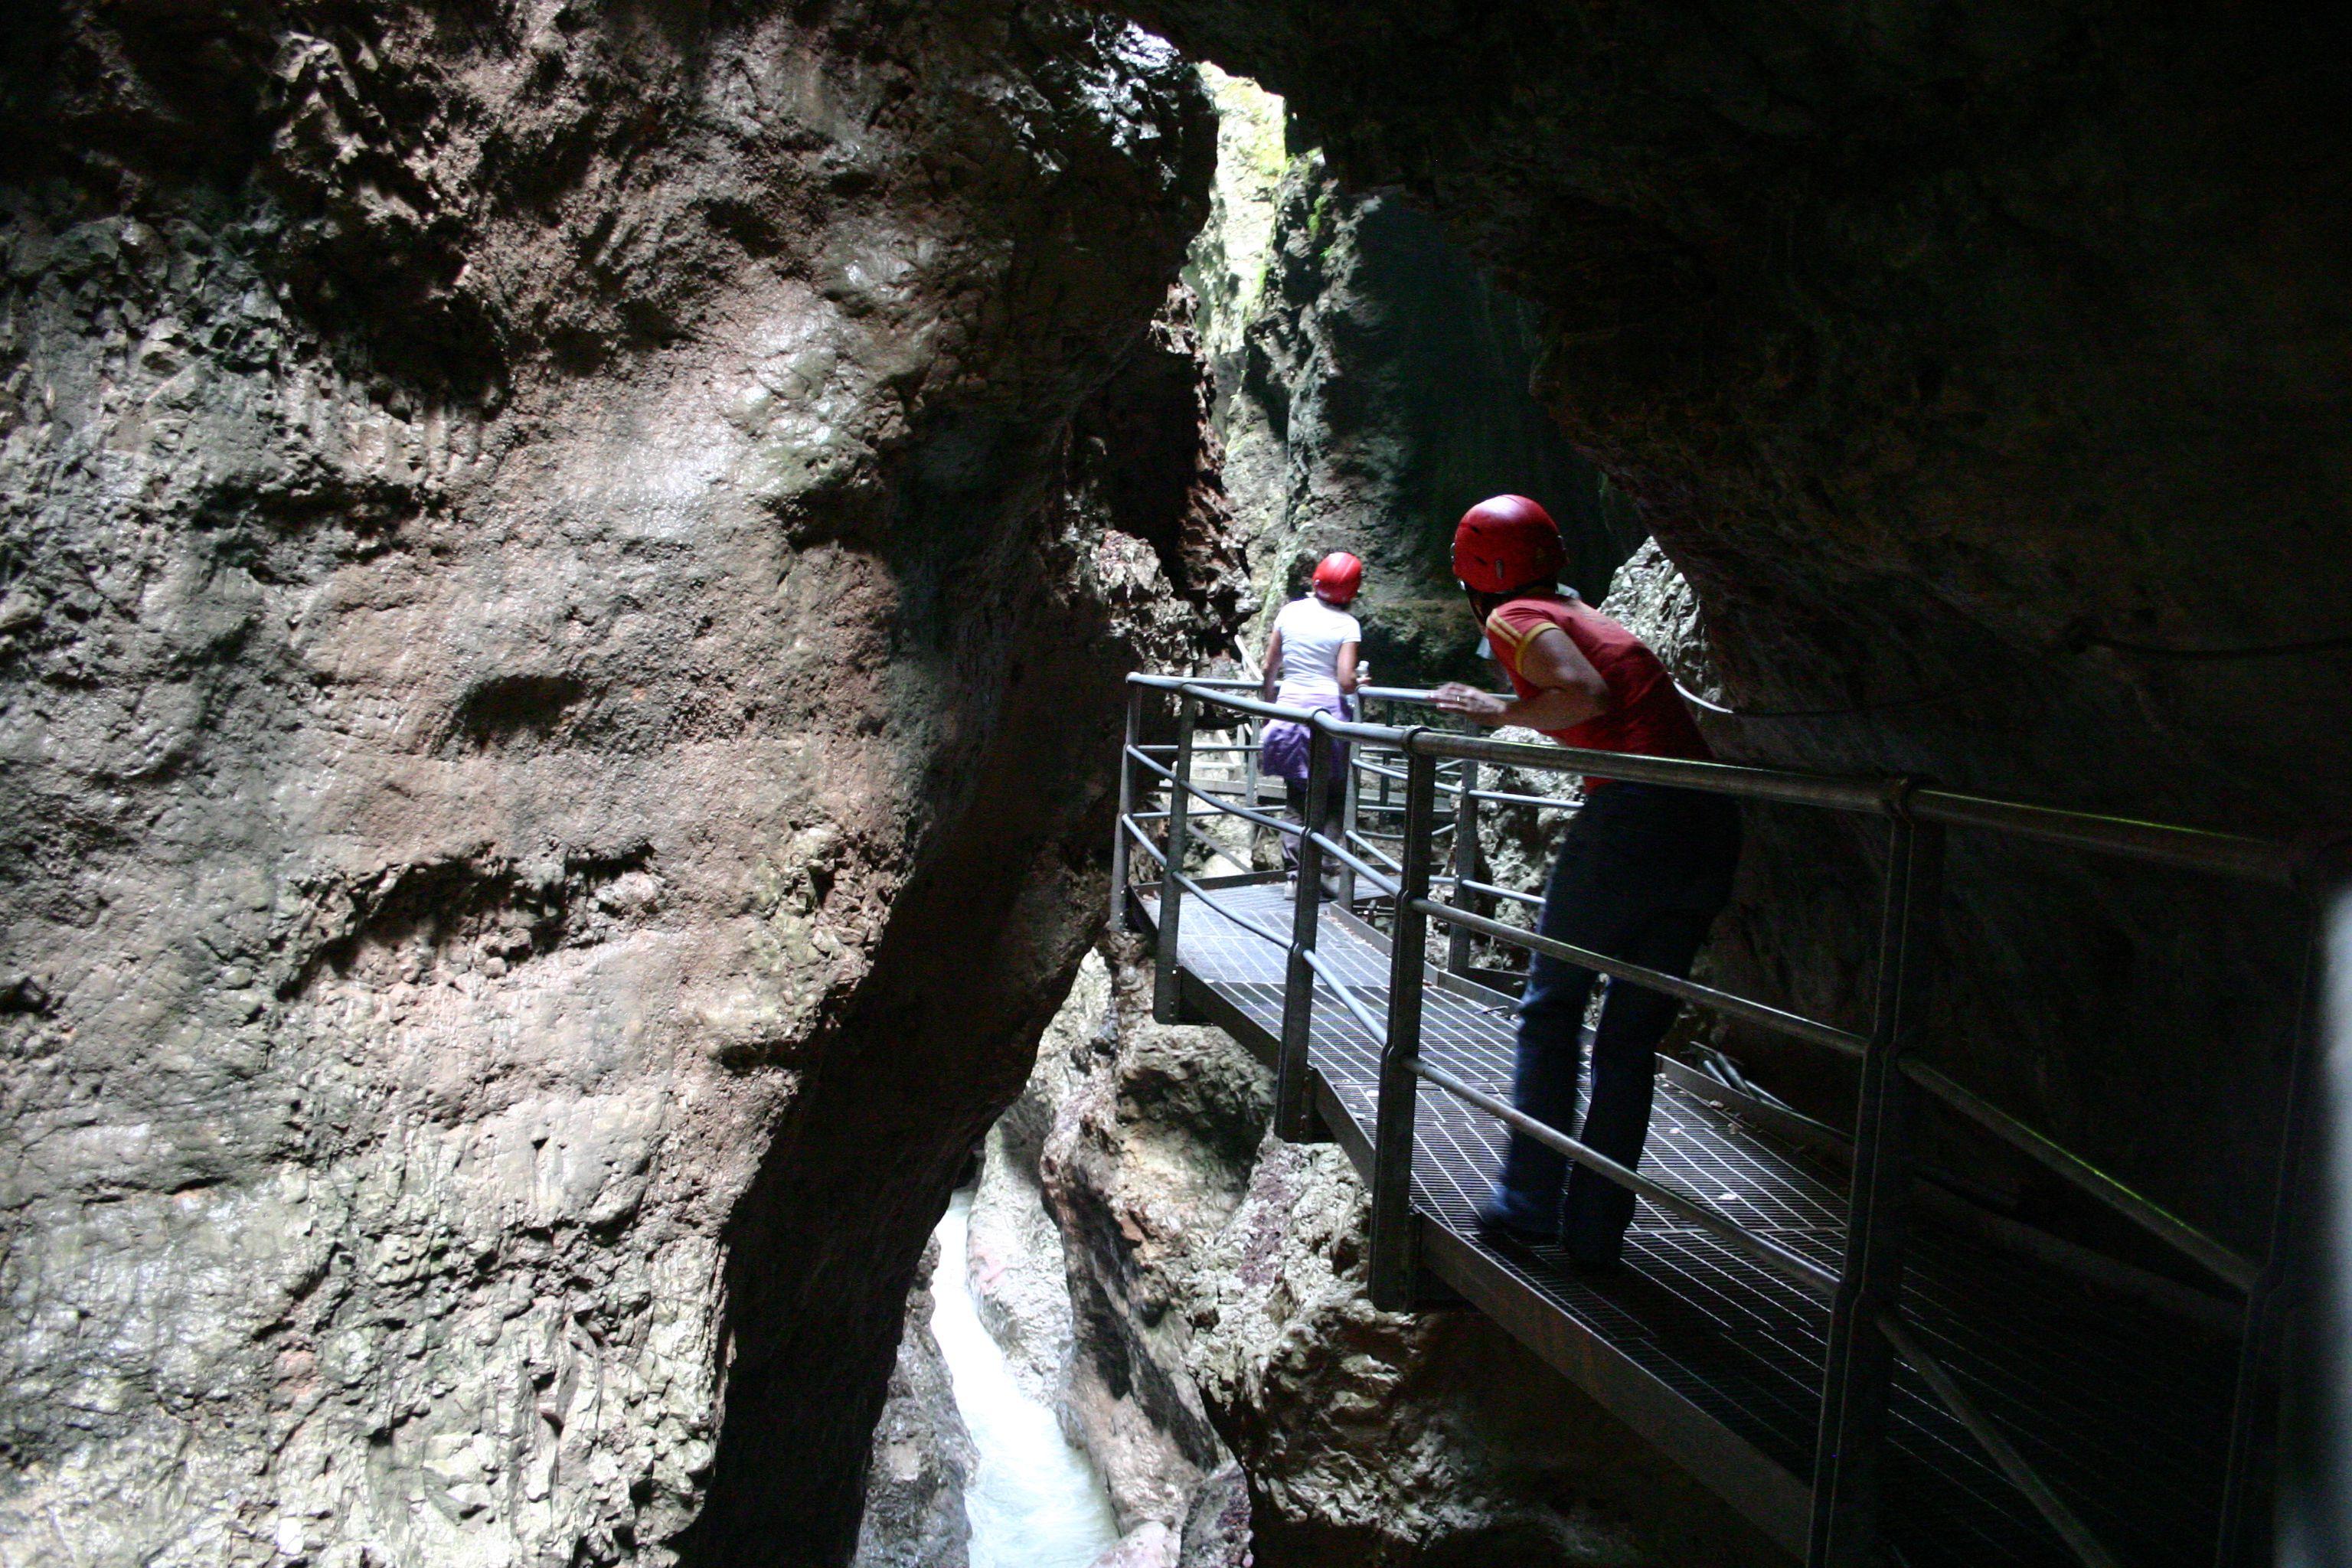 canyon-parco-fluviale-novella